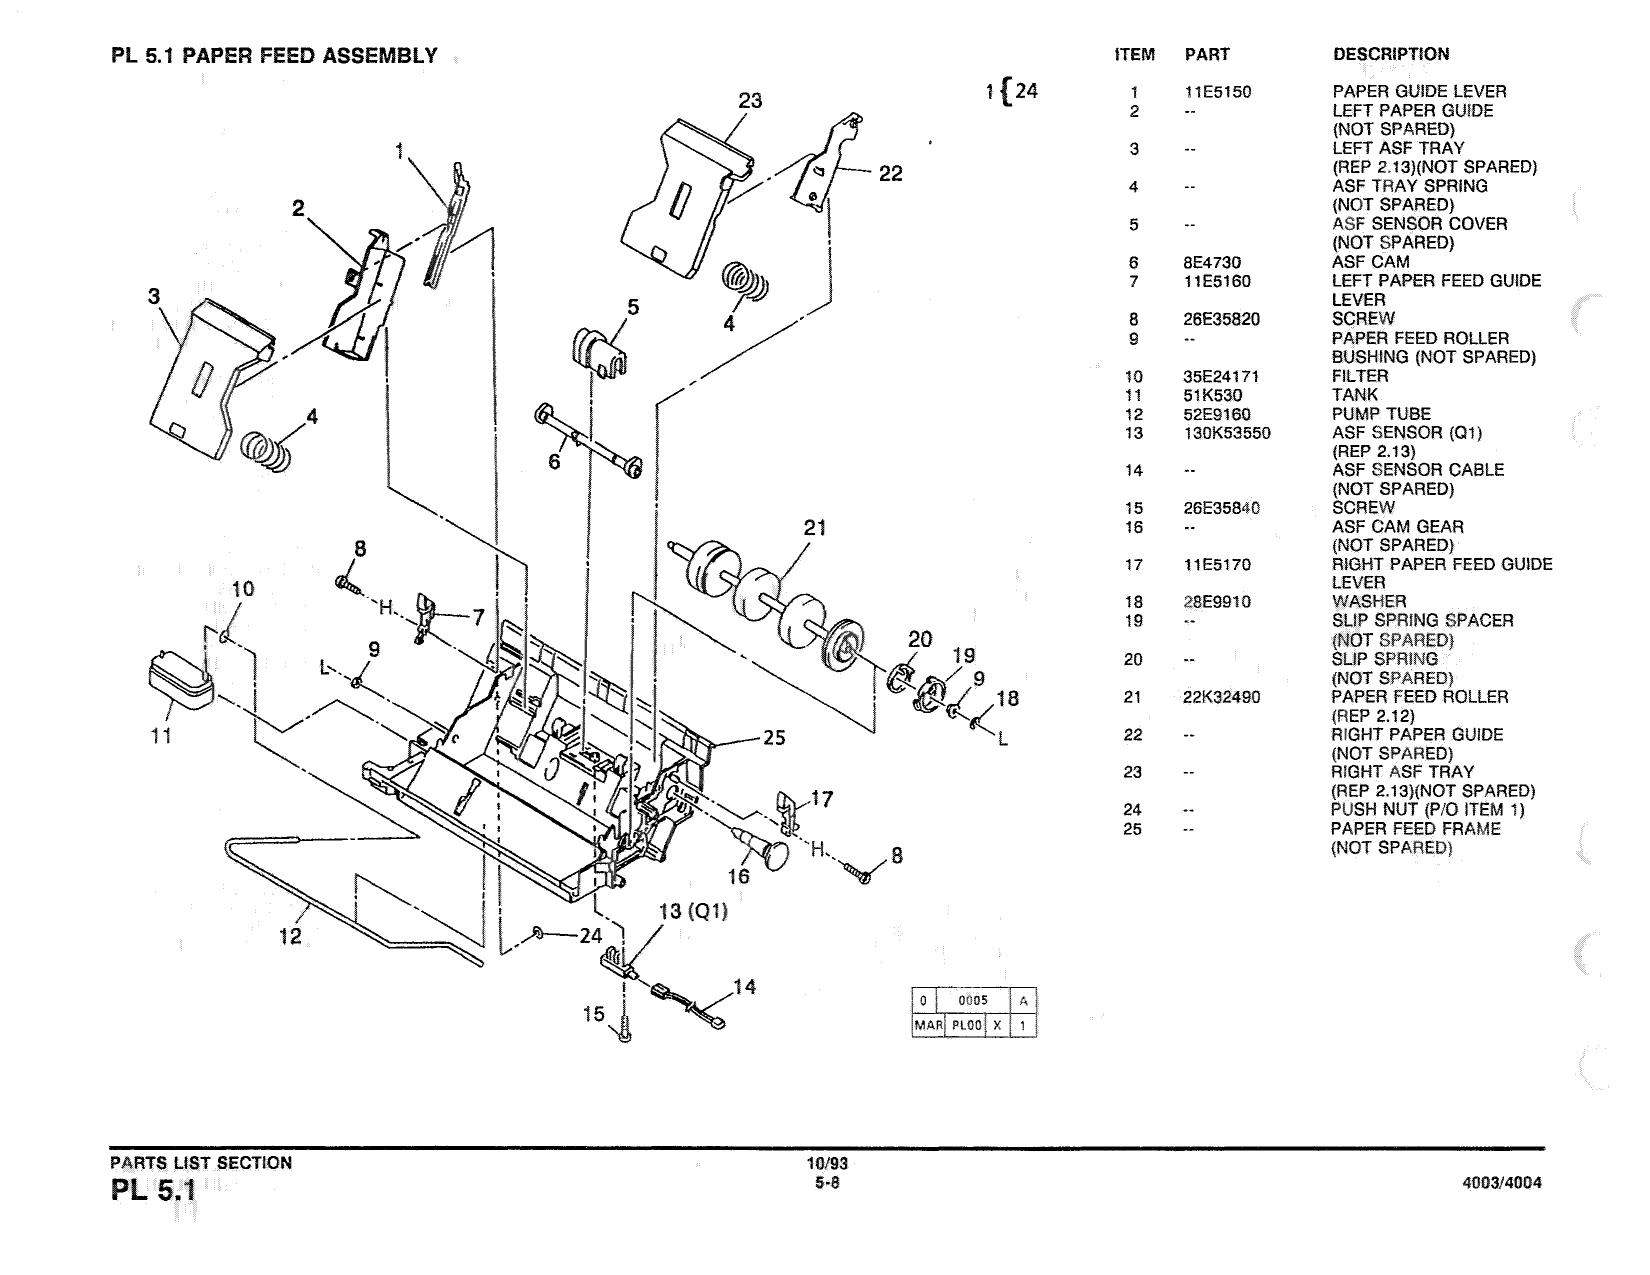 xerox printer 4003 4004 dot